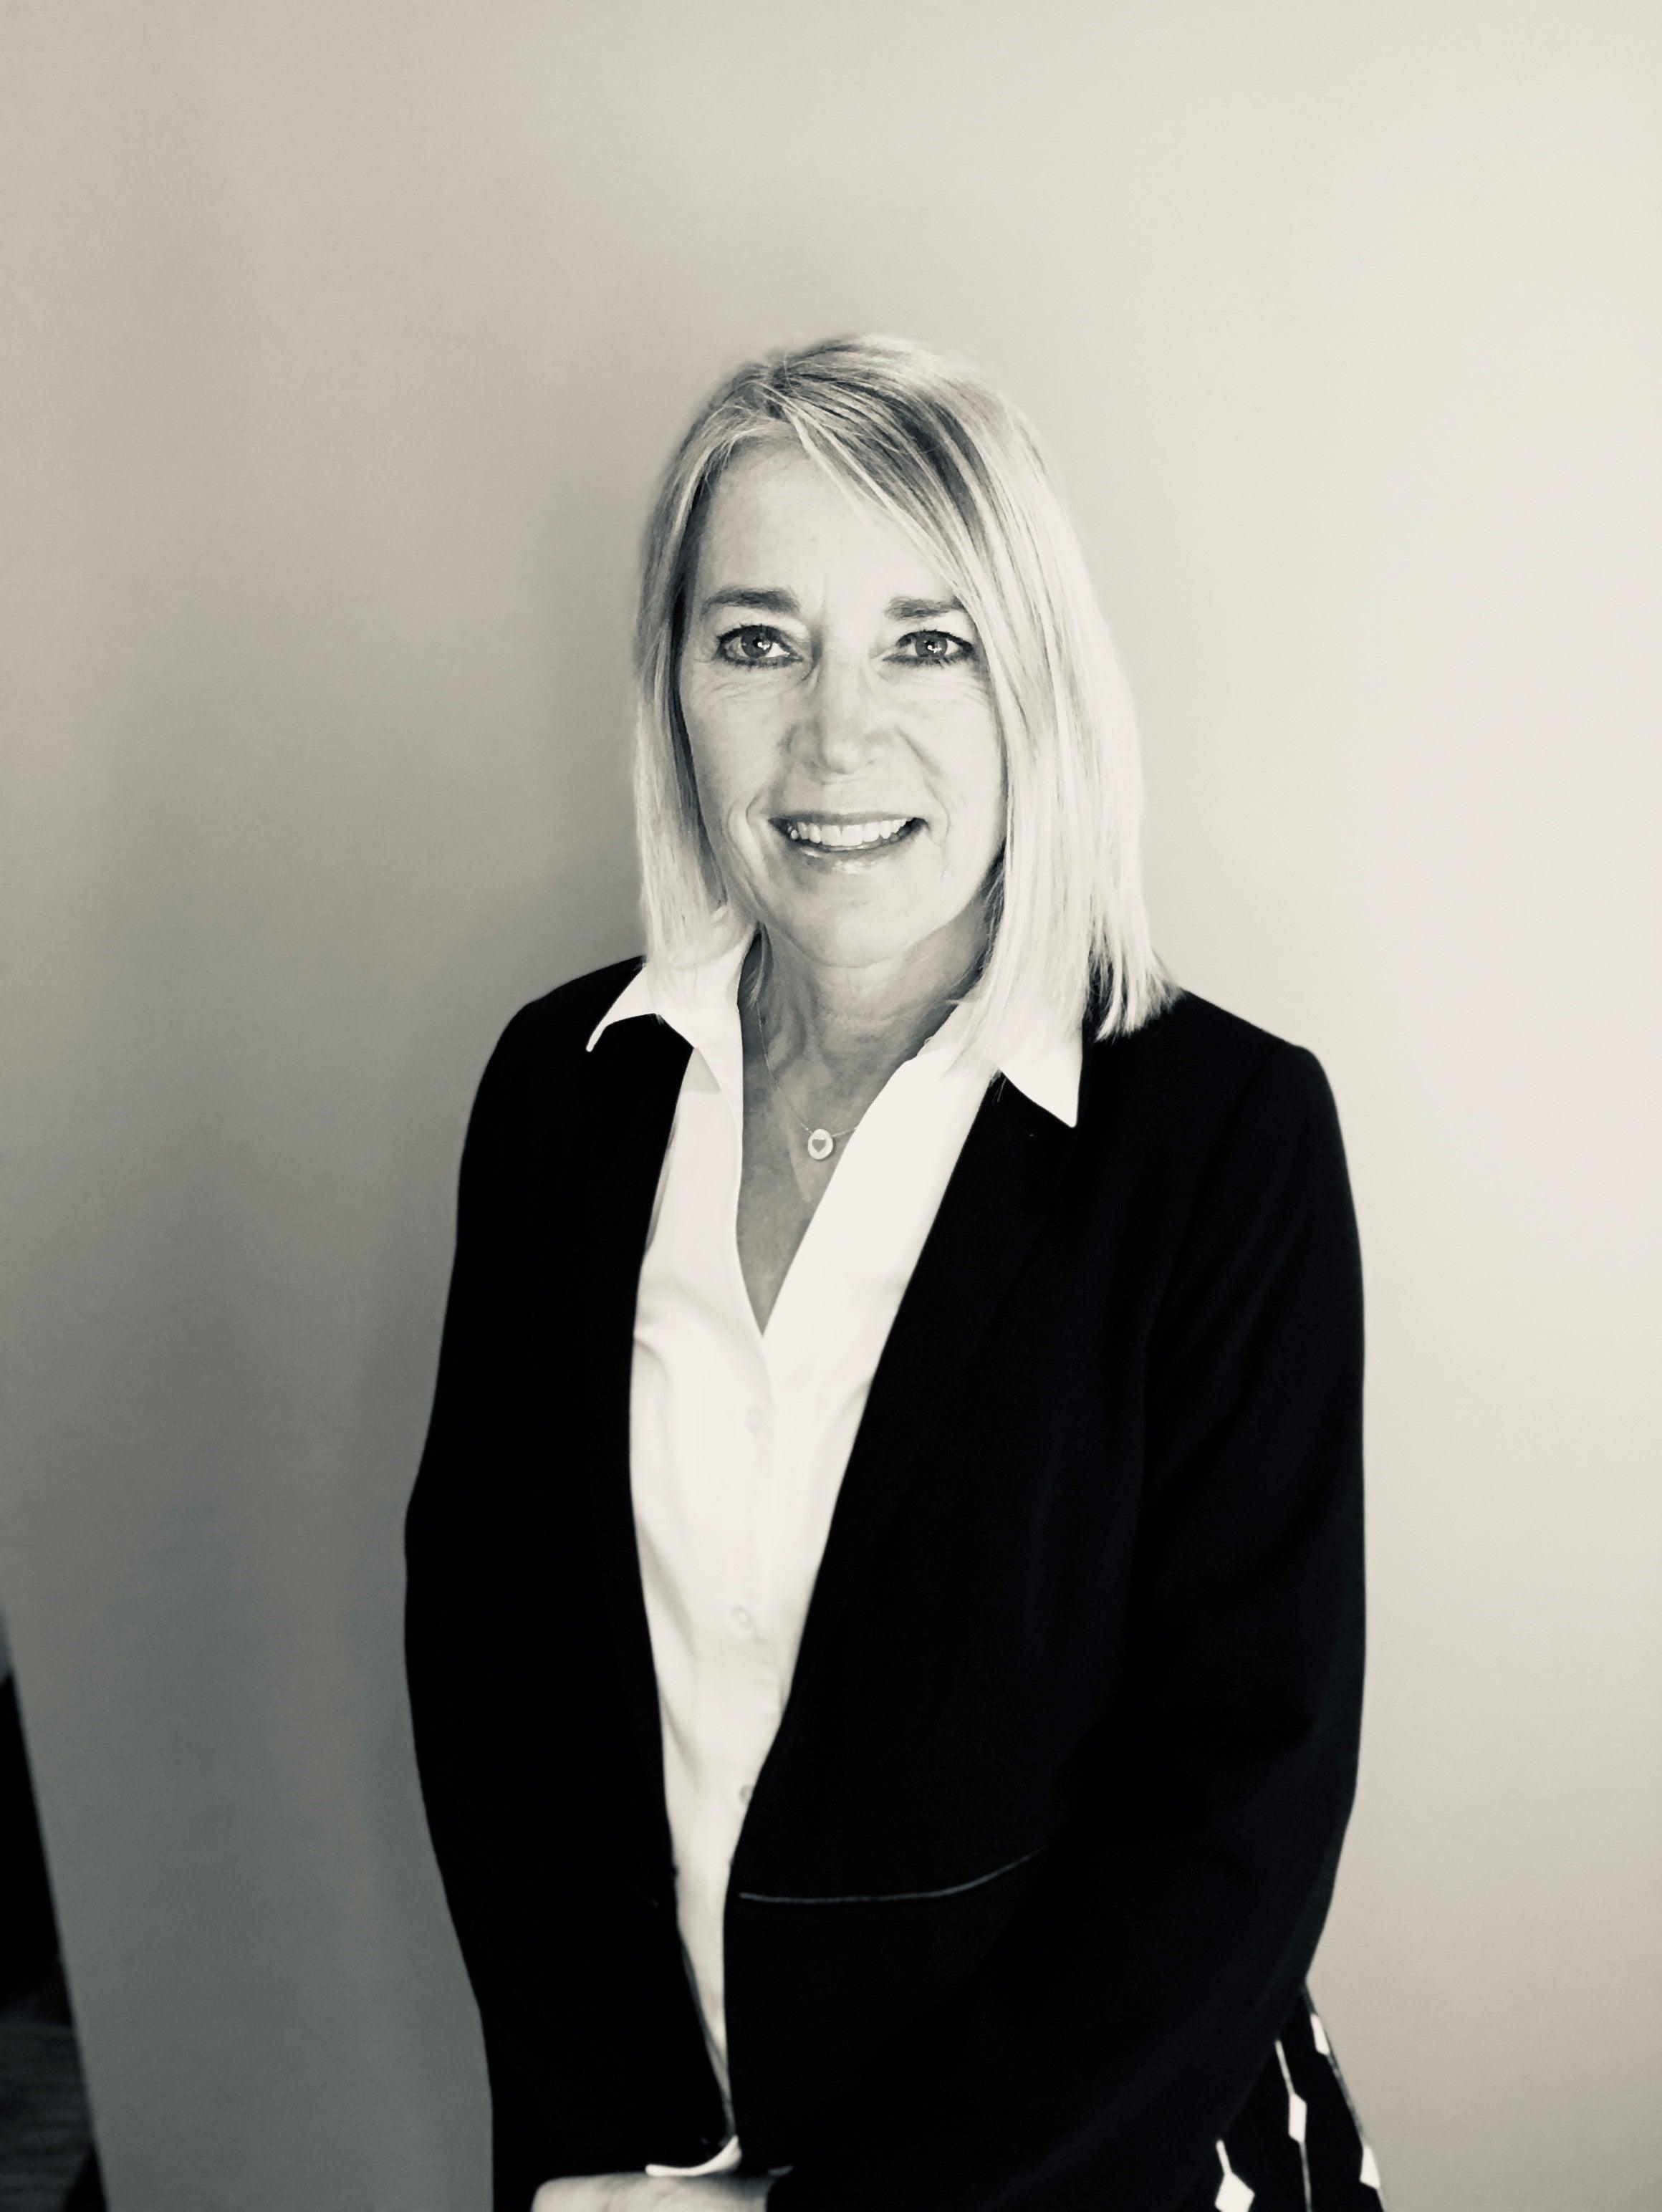 Pam Sutton